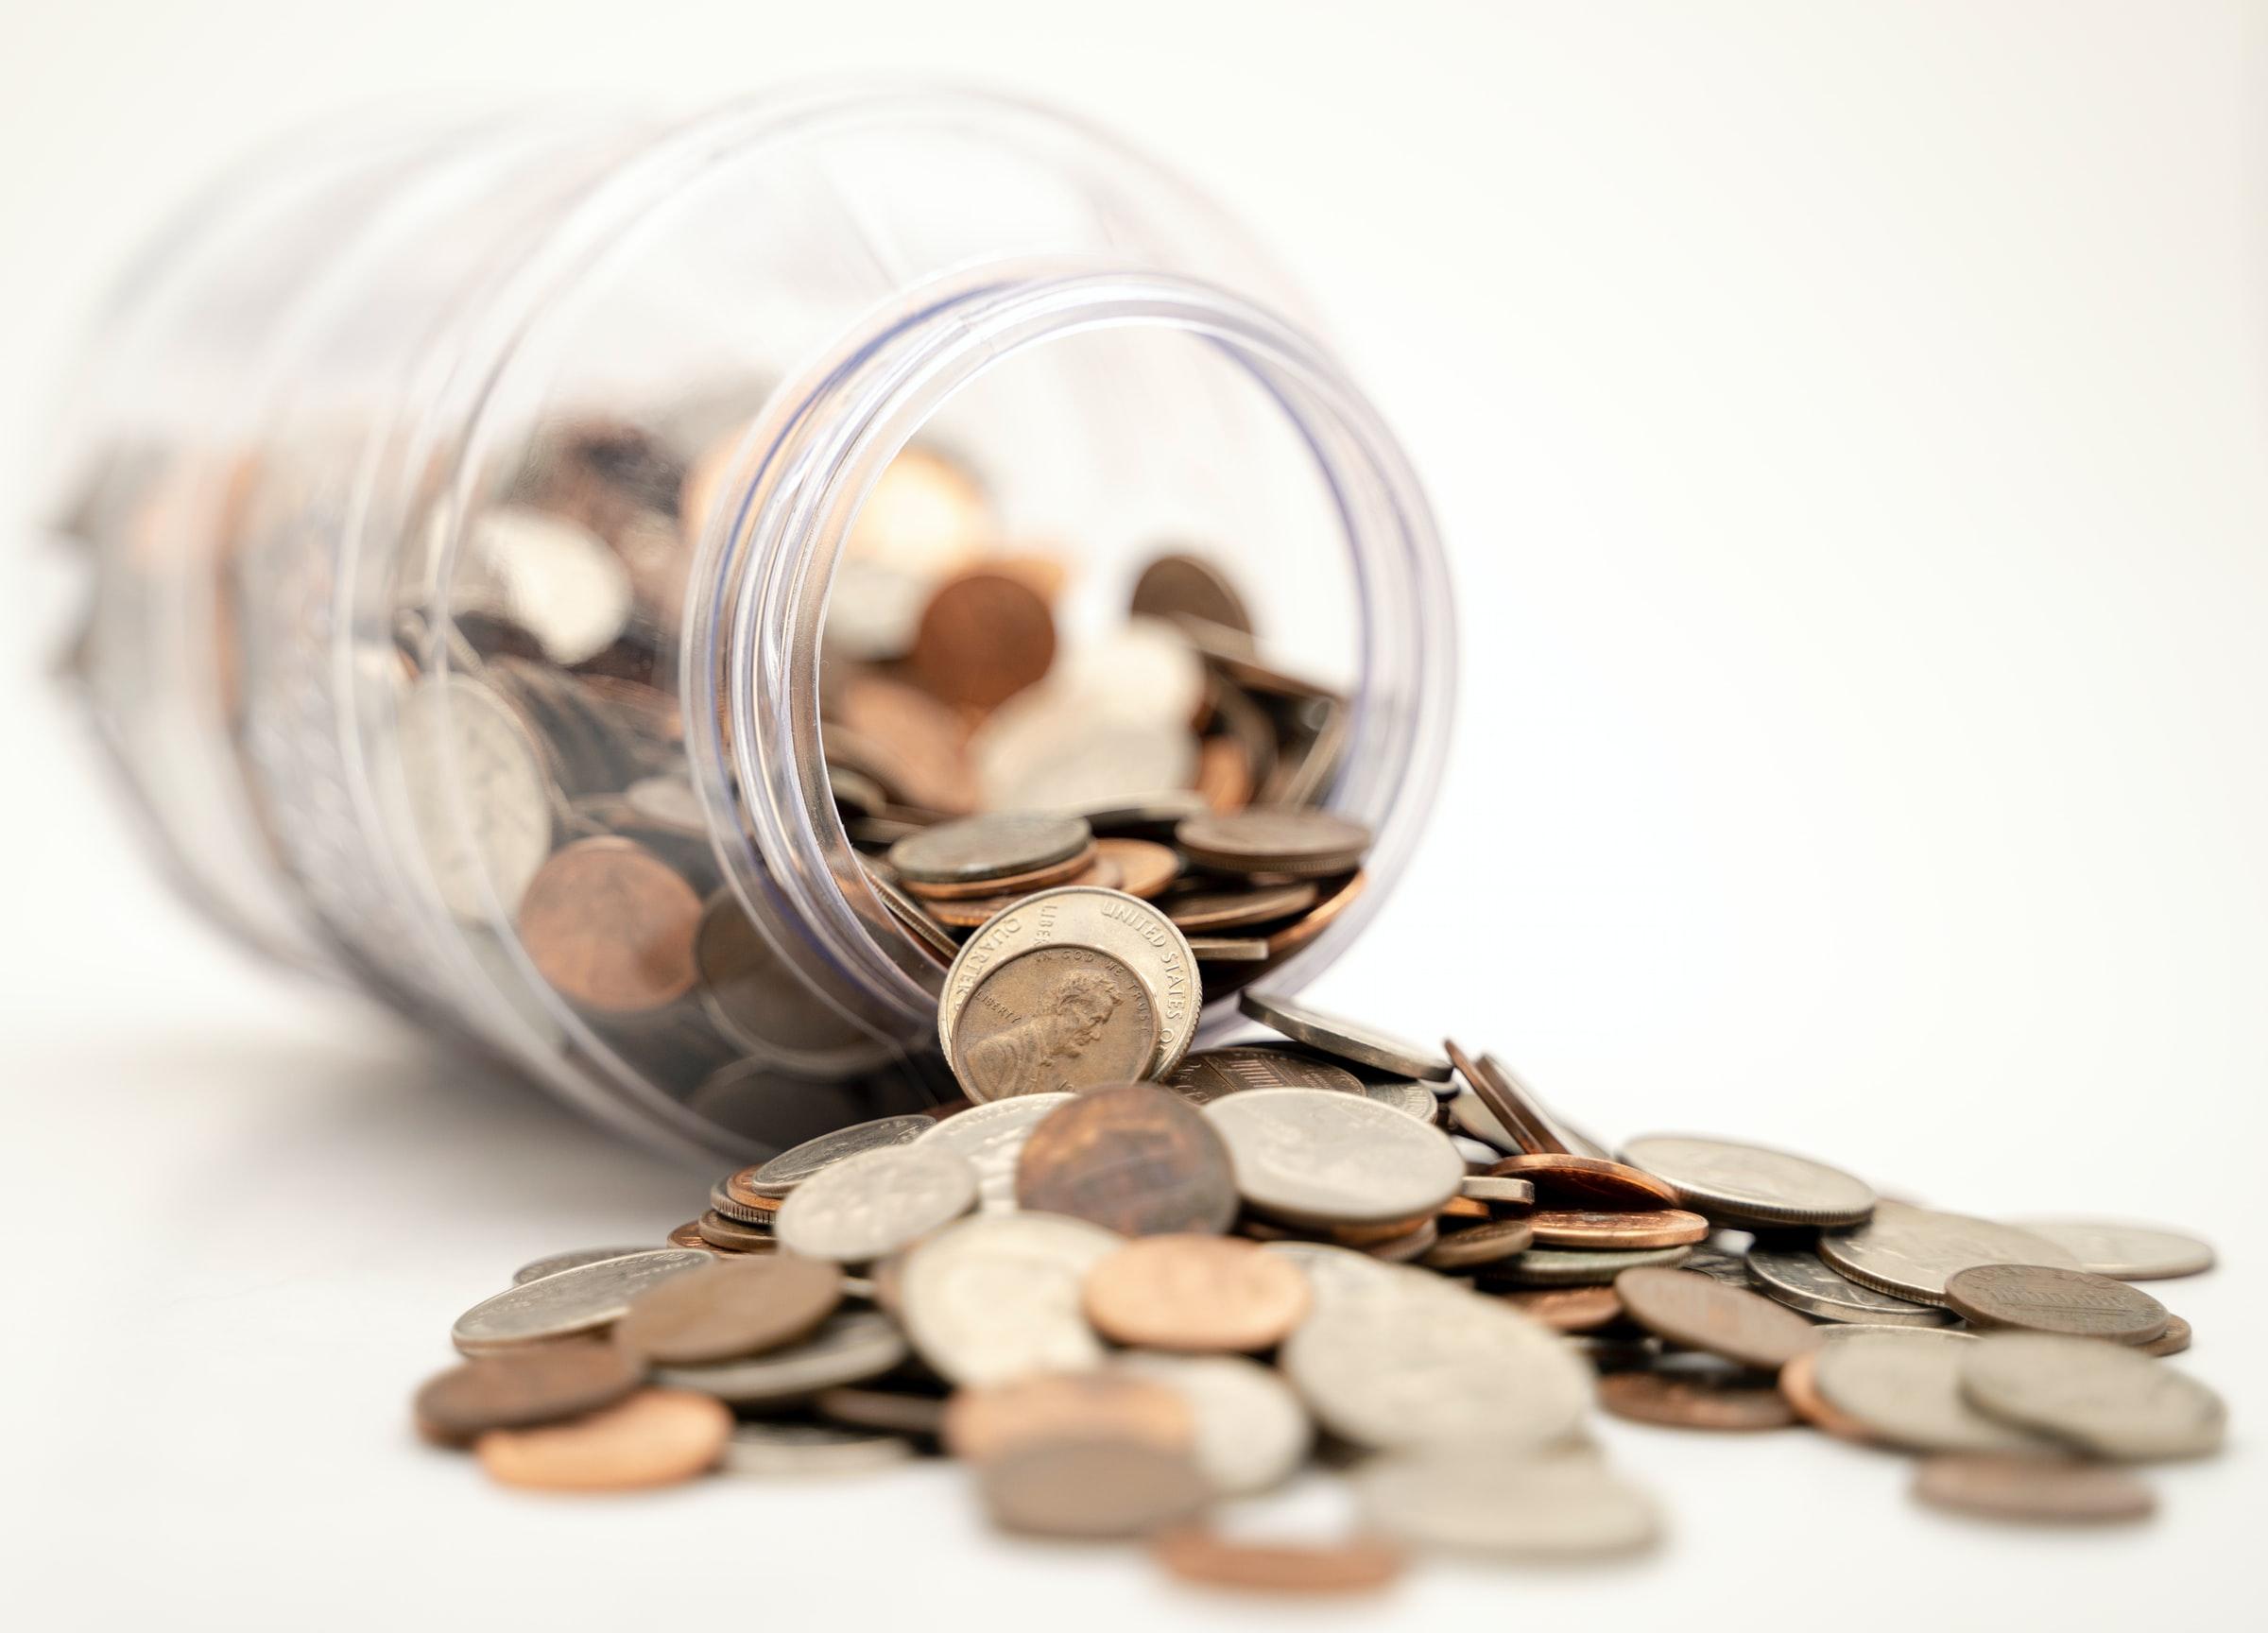 Cum Sa Iti Faci Un Blog Si Sa Castigi Bani Cu El [Ghid Practic]